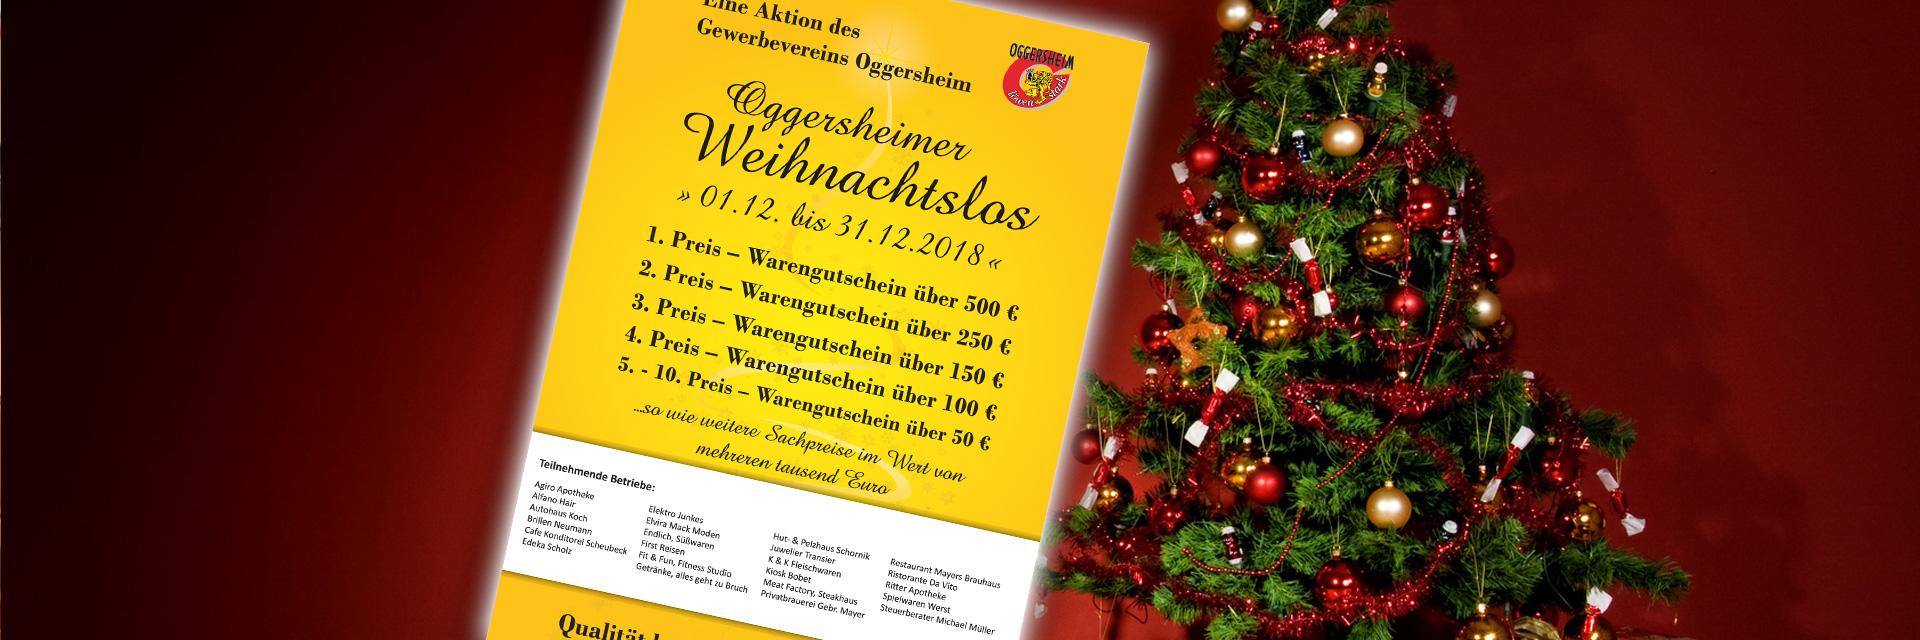 gewerbeverein-oggersheim-weihnachten-2018